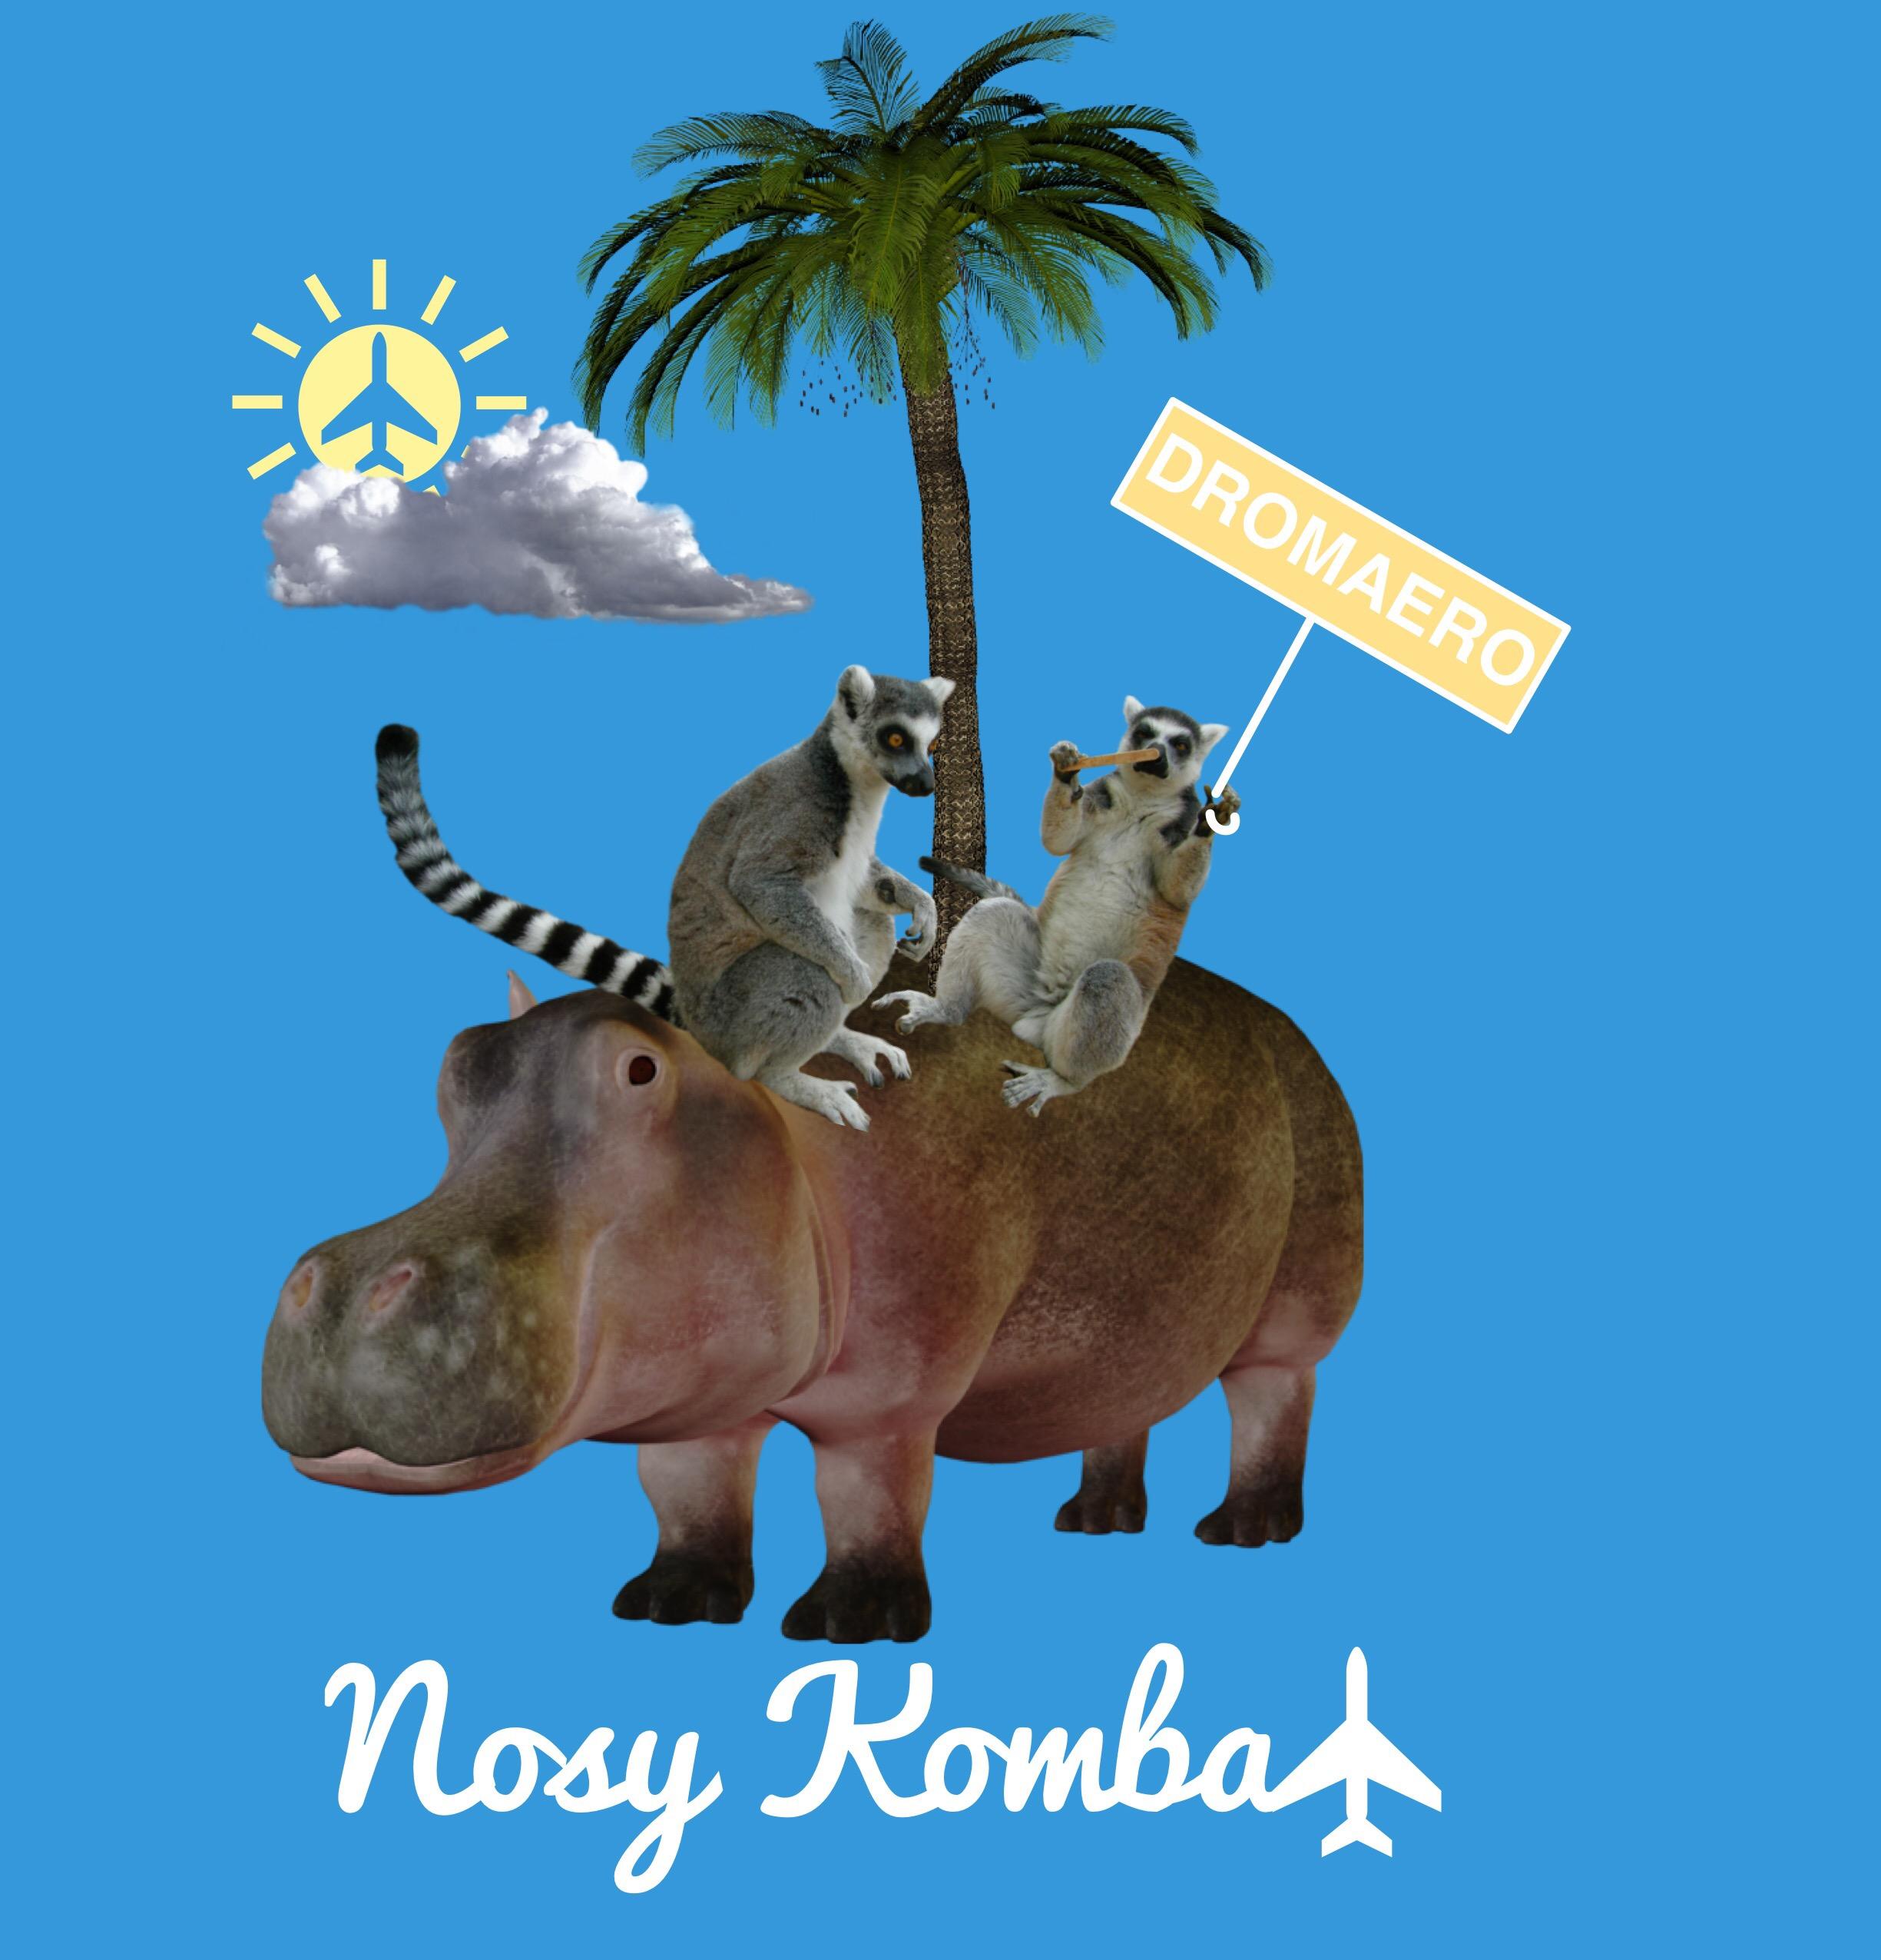 Nosy Komba